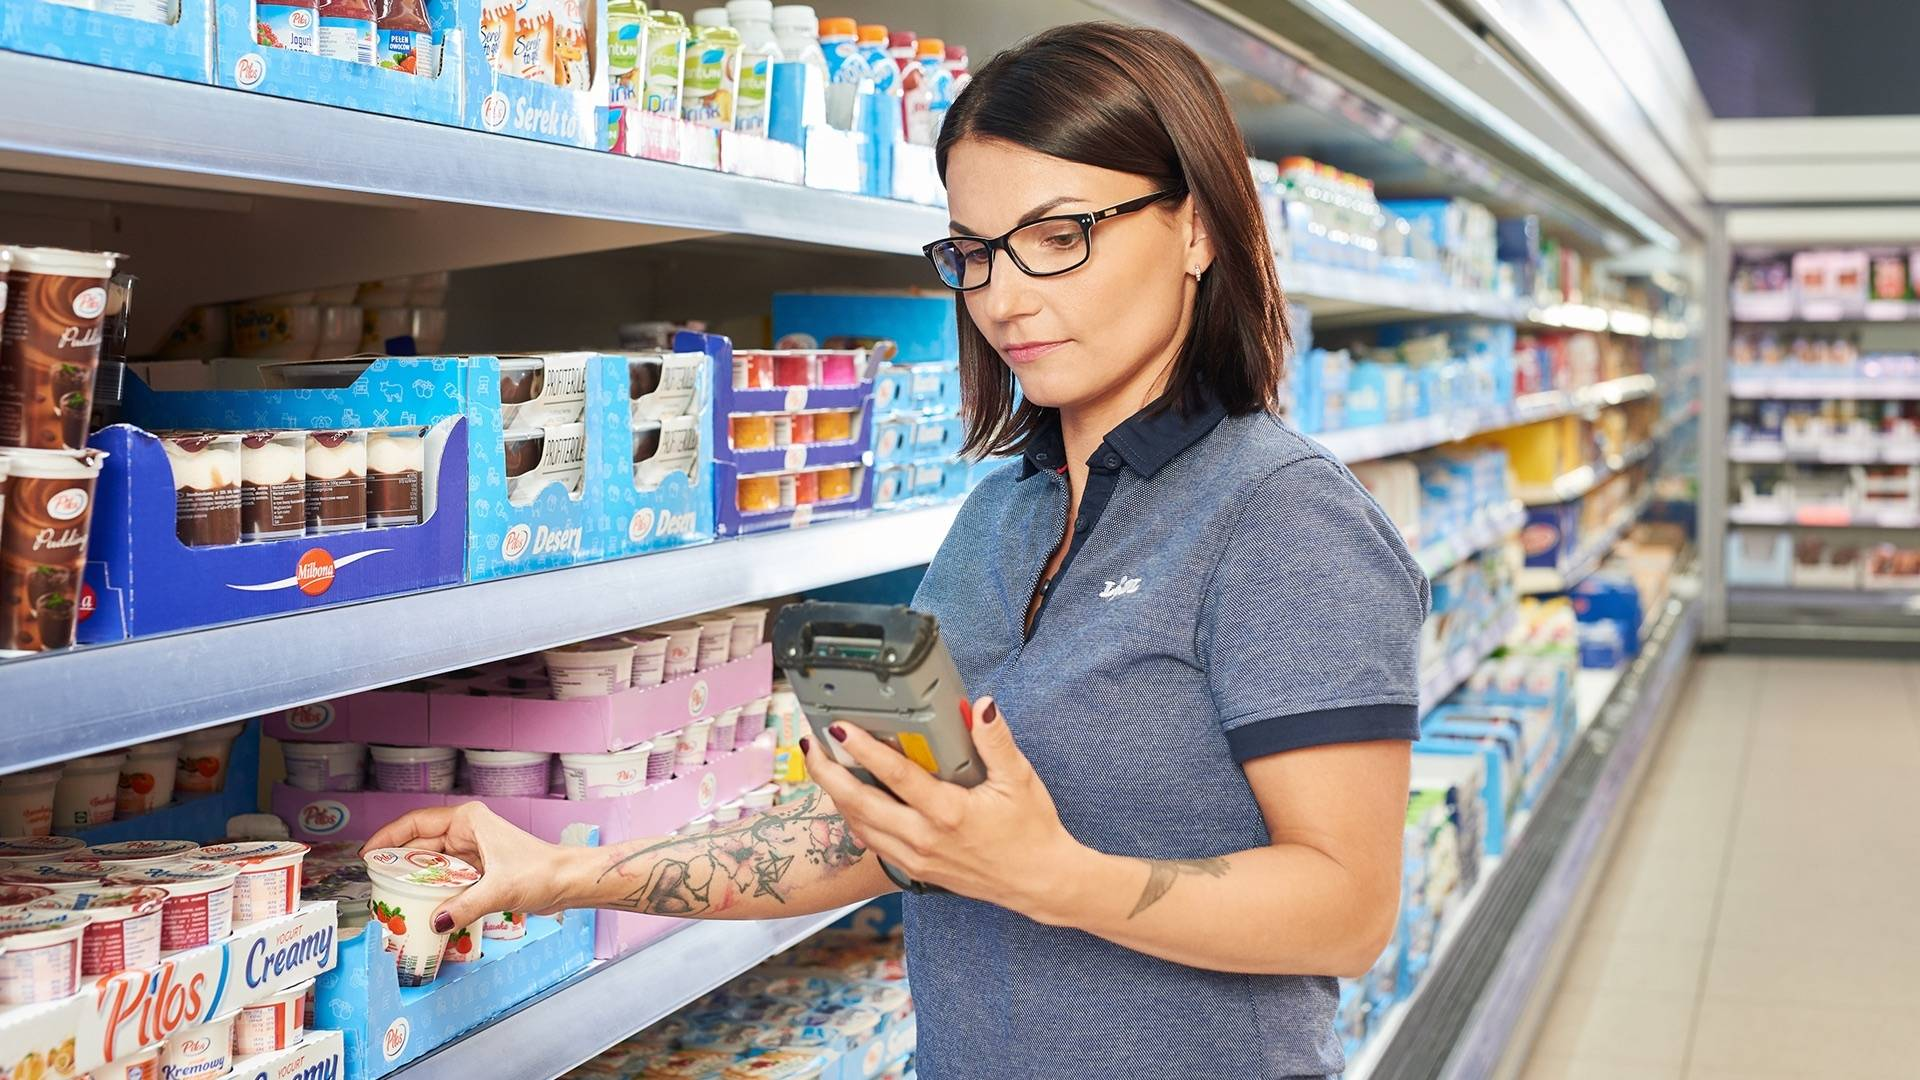 Praca w sklepie. Kobieta pracownik sklepu stoi przy lodówce z nabiałem i sprawdza jakość produktów.